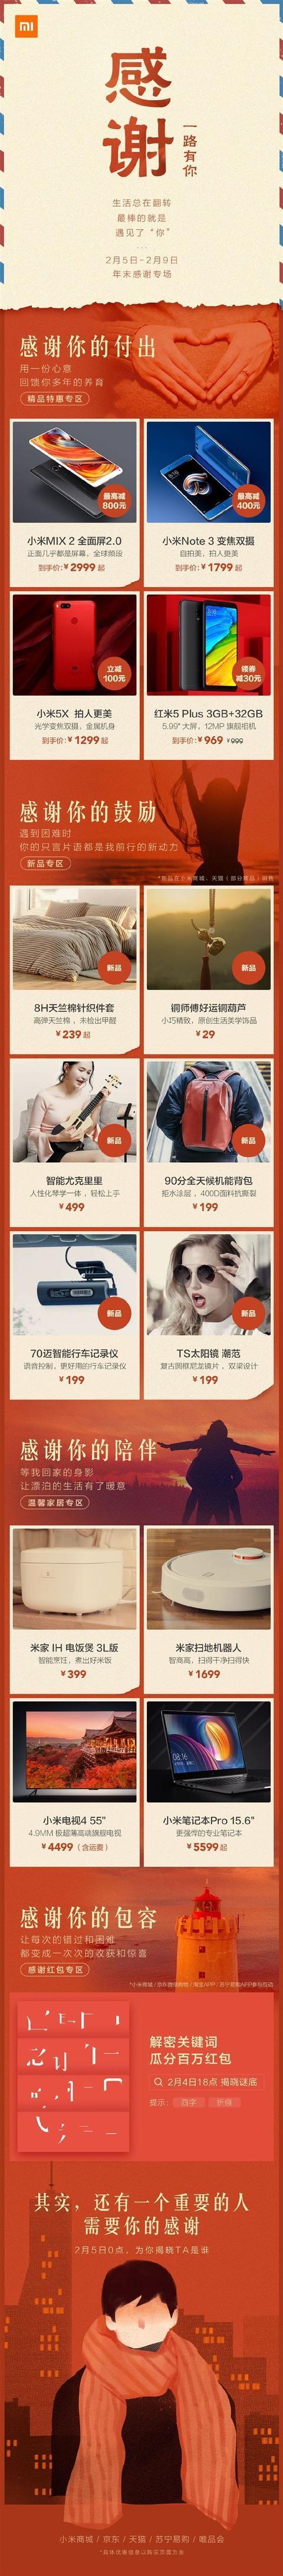 小米年末感谢专场开启:Note 3起售价1799元的照片 - 2